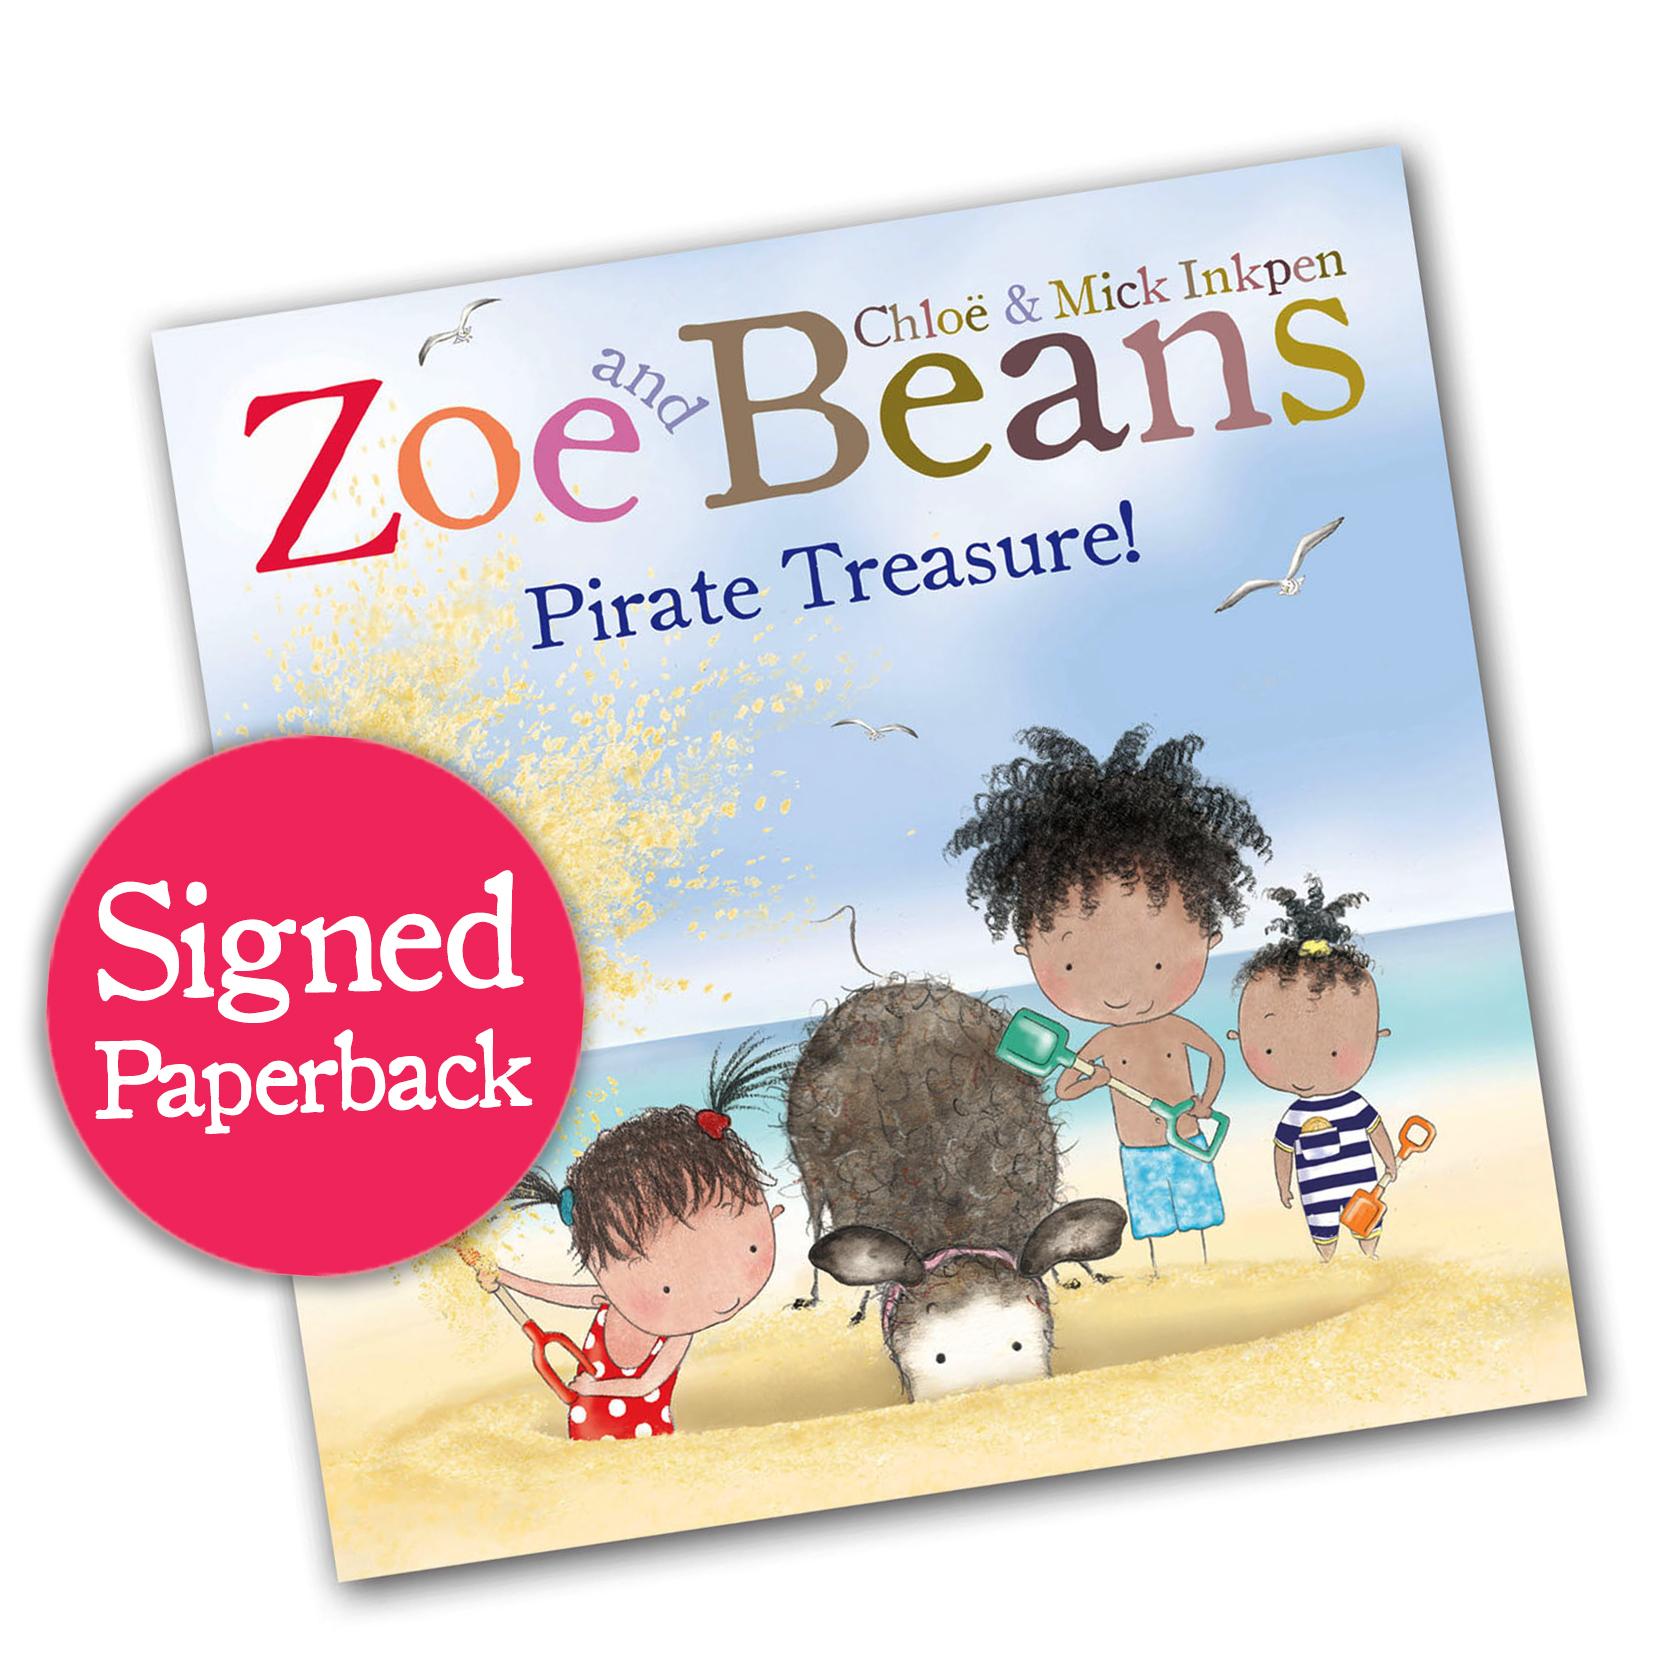 PT signed paperback.jpg